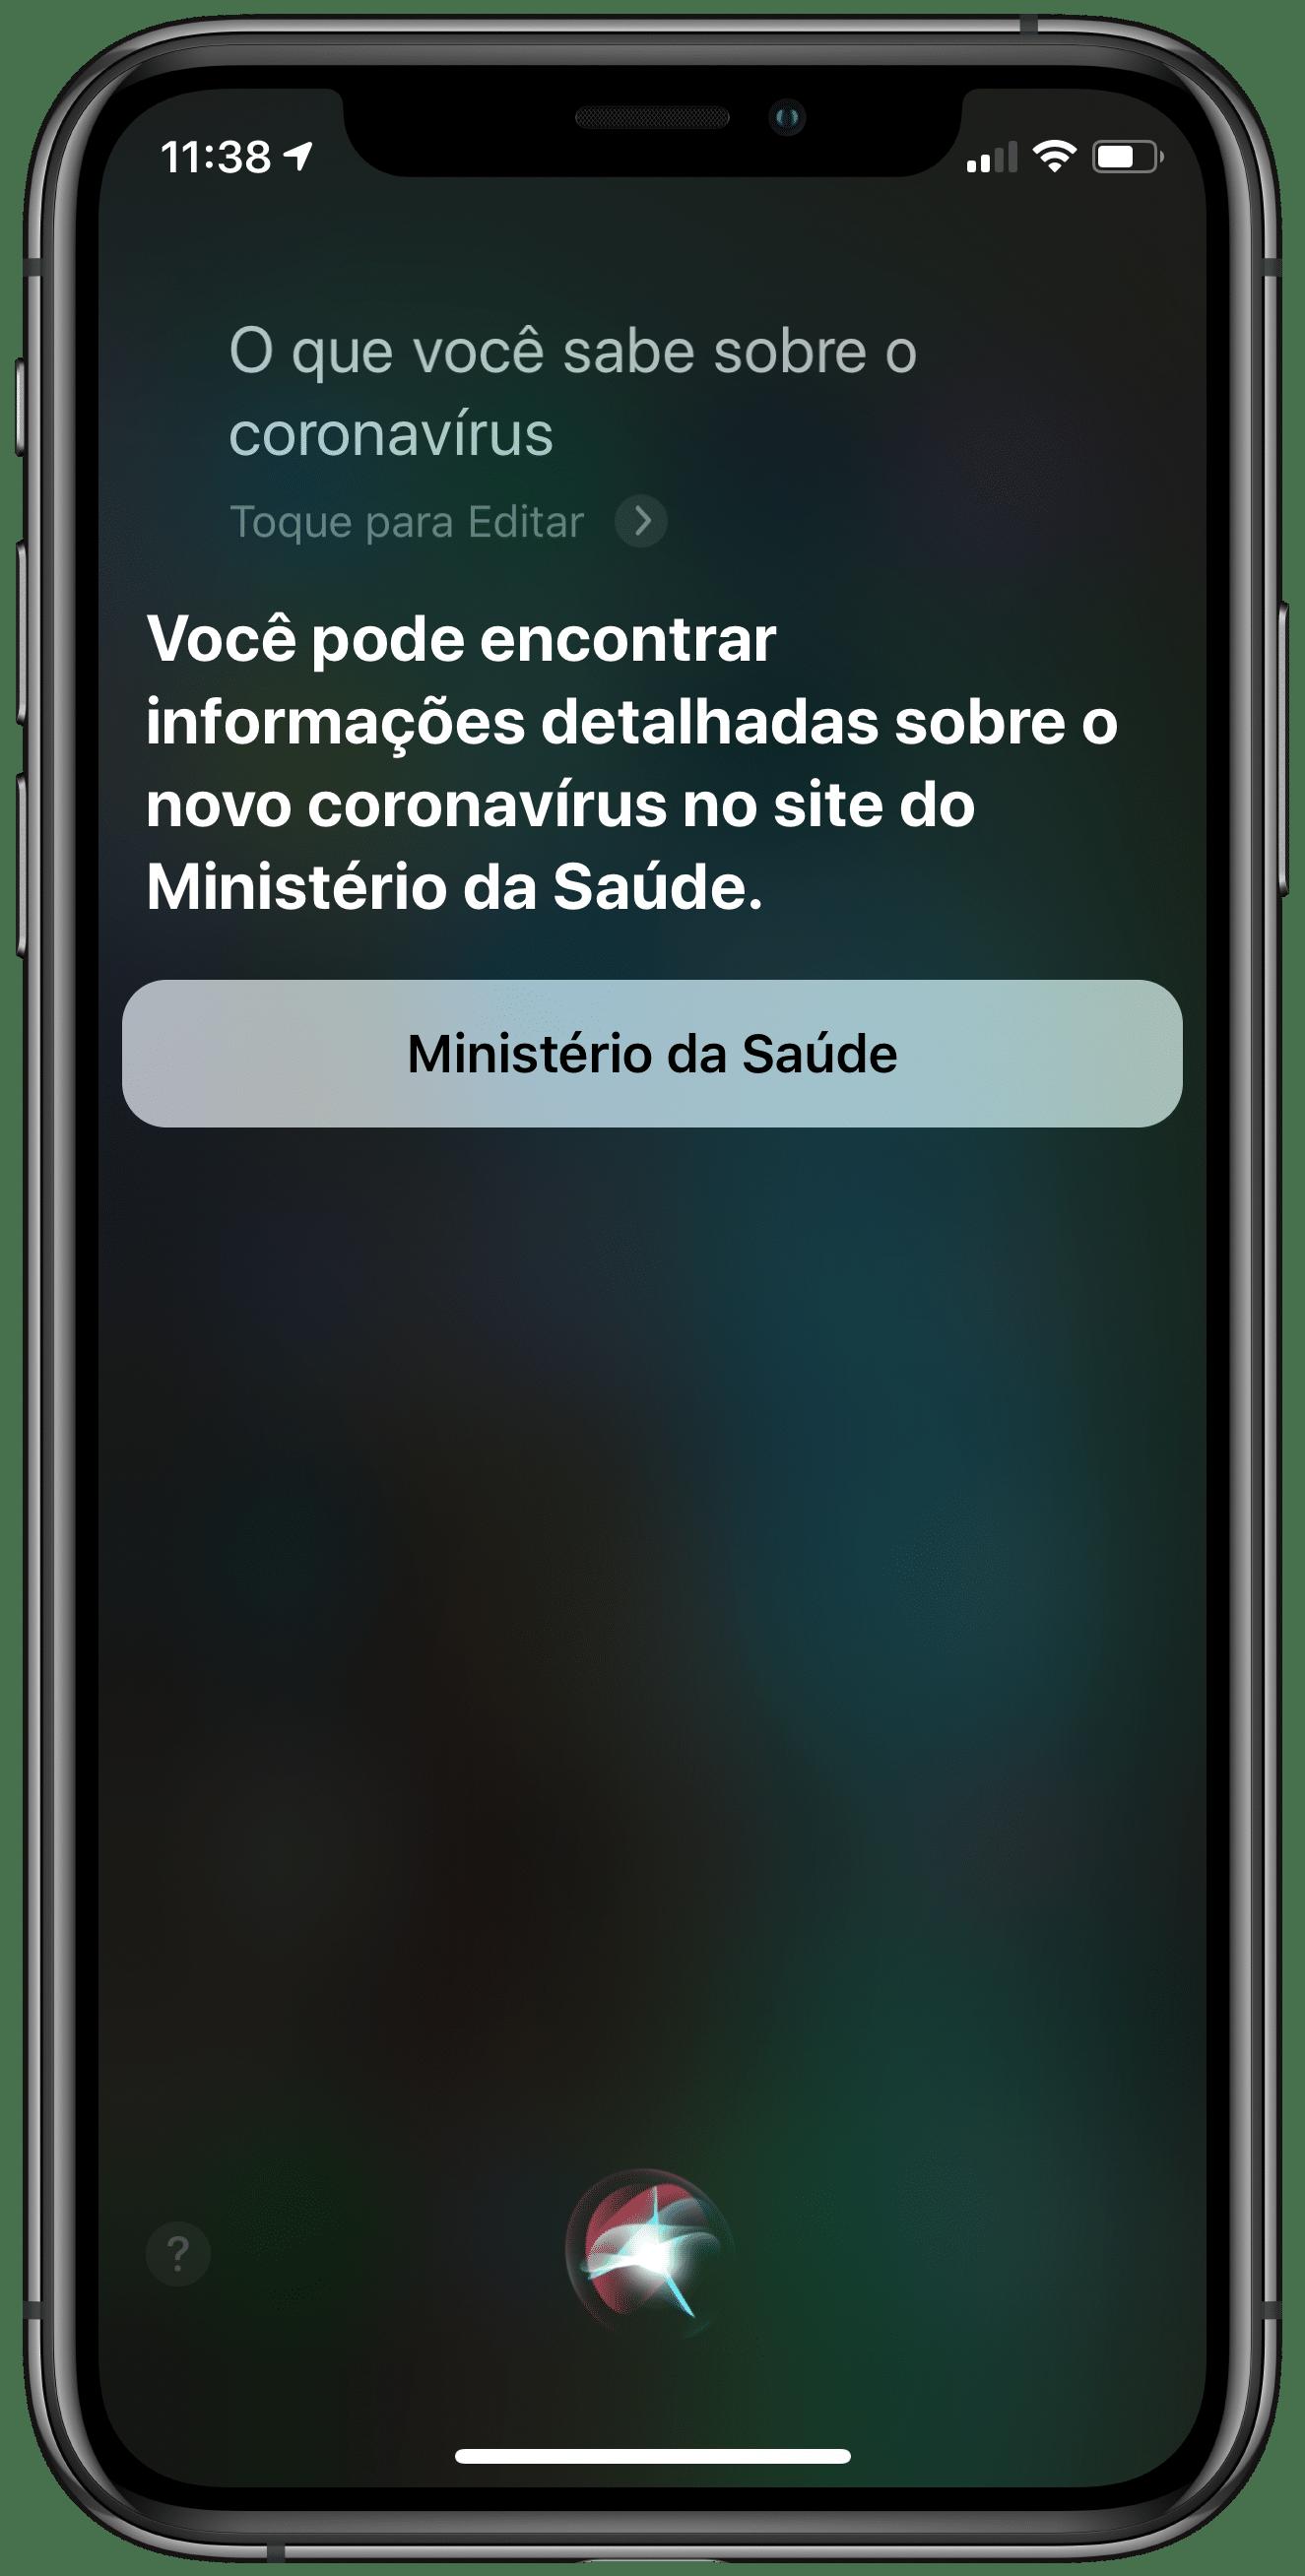 Informações da Siri sobre o COVID-19